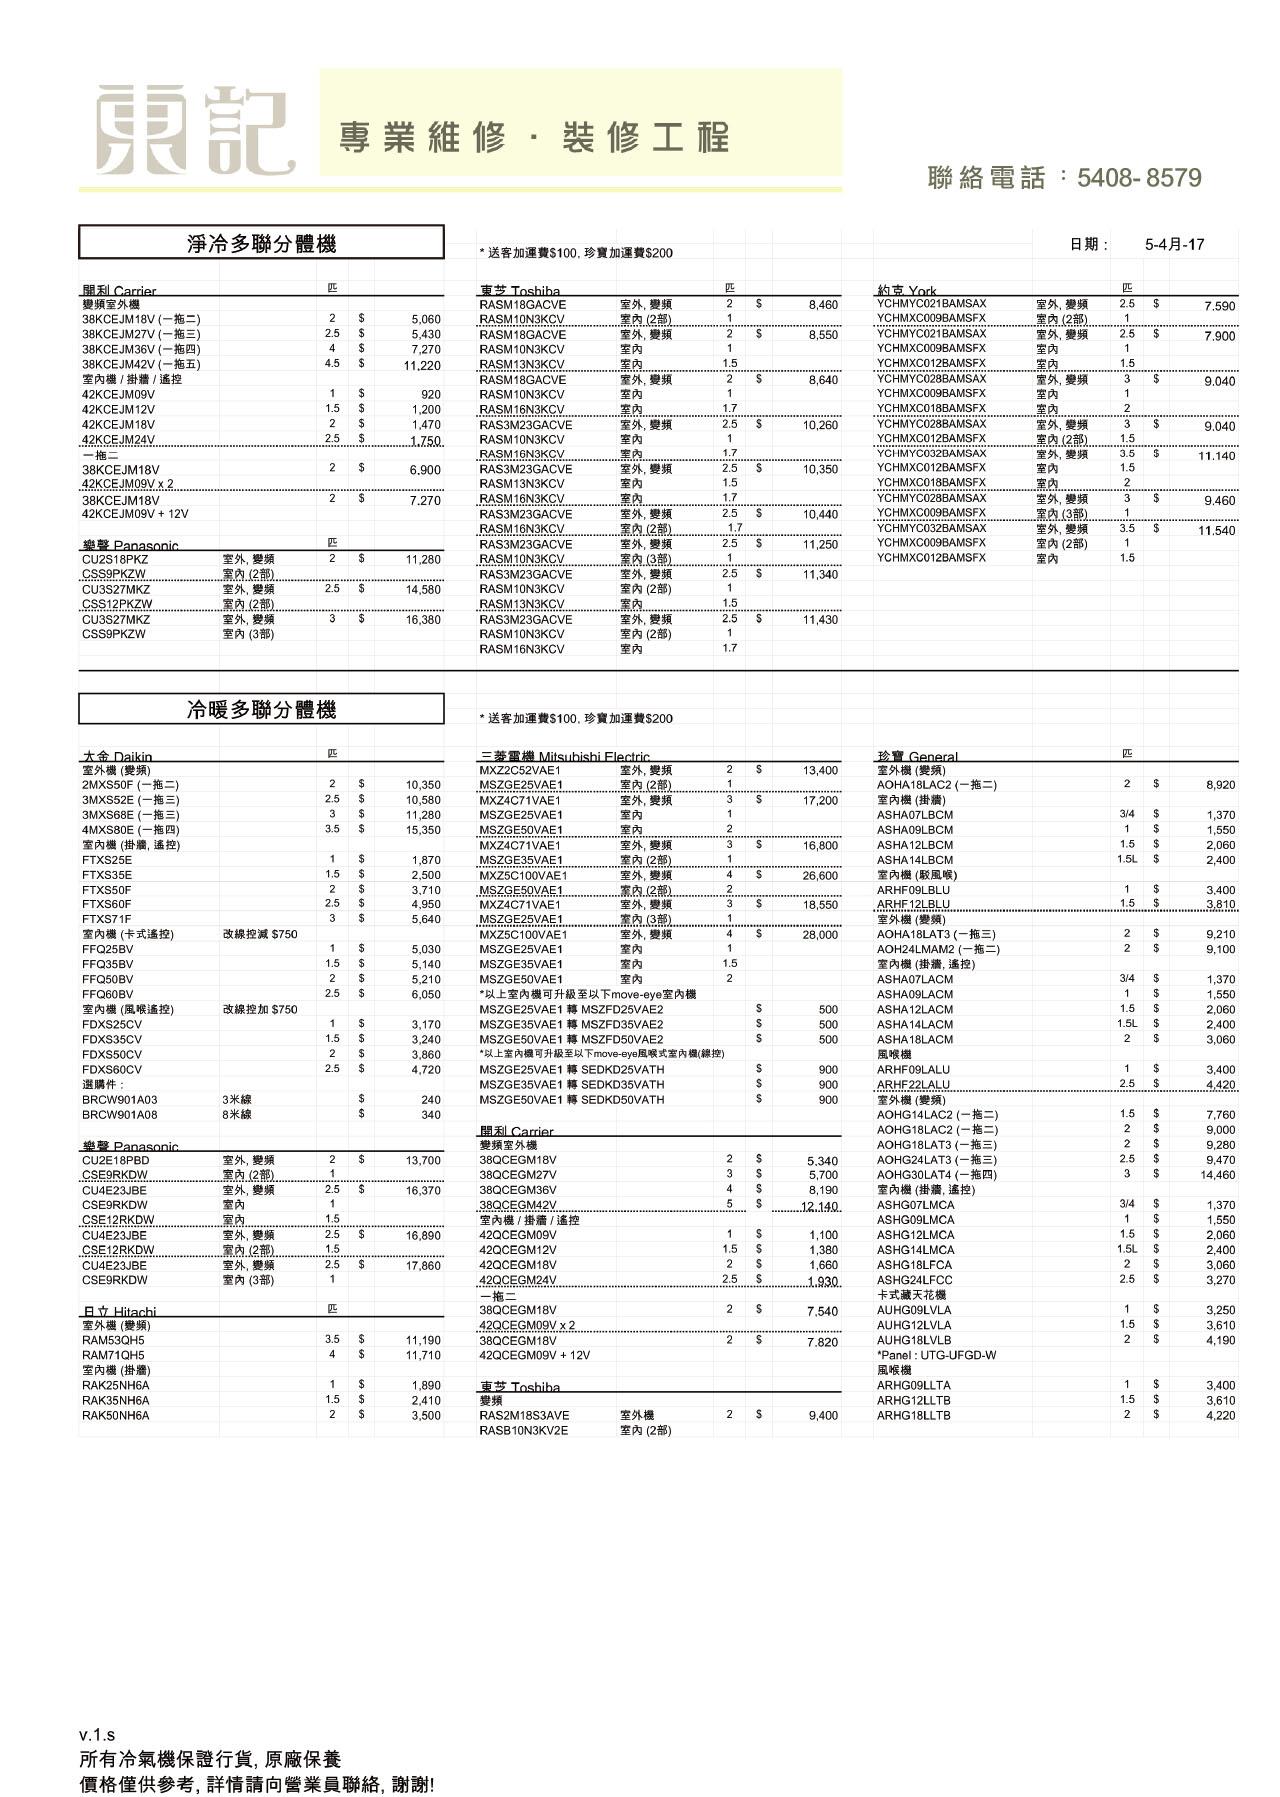 東記 專業維修,裝修工程 聯絡電話:5408-8579 淨冷多聯分體機 日期: 5-4月-17 *送客加運費$100.珍寶加運費$200 Carrier 變頻室外機 38KCEJM18V (-) 38KCEJM27V (-) 38KCEJM36V (- 38KCEJM42V (- 室內機/掛牆/遙控 42KCEJM09V Toshiba 約克York 室外,變頻 室內(2部) 室外,變頻 室內 8,460 YCHMYC021BAMSAX 室外,變頻 (2 室外,變頻 室內 2.5 RASM18GACVE 7.590 YCHMXC009BAMSFX YCHMYC021BAMSAX RASM10N3KCV. 1 5,060 5,430 7,270 11,220 2.5 RASM18GACVE 8,550 7.900 $ RASM10N3KCV RASM13N3KCV YCHMXC009BAMSFX YCHMXC012BAMSFX 1.5 室外,變頻 室內 室外,變頻 室內 S RASM18GACVE 8,640 YCHMYC028BAMSAX 9.040 YCHMXC009BAMSFX 920 RASM10N3KCV RASM16N3KCV YCHMXC018BAMSFX YCHMYC028BAMSAX 1.5 1.7 42KCEJM12V 1,200 1,470 $ 室外,變頻 室內 42KCEJM18V 2.5 室外,變頻 RAS3M23GACVE 10,260 9.040 42KCEJM24V 一拖二 38KCEJM18V 42KCEJM09V x 2 38KCEJM18V 42KCEJM09V 12V RASM10N3KCV RASM16N3KCV RAS3M23GACVE YCHMXC012BAMSFX 1.5 .1.750 室外,變频 室內 YCHMYC032BAMSAX 3.5 11.140 YCHMXC012BAMSFX 室外,變頻 室內 1.5 6.900 10,350 YCHMXC018BAMSFX RASM13N3KCV YCHMYC028BAMSAX YCHMXC009BAMSFX RASM16N3KCV 室外,變频 (35) 室外,變頻 室內(2部) 室內 7.270 9,460 室外,變頻 室內(2部) 室外,變頻 (3 室外,變頻 室內(2部) 10,440 RAS3M23GACVE RASM16N3KCV YCHMYC032BAMSAX 3.5 11,540 Panasonic CU2S18PKZ CSS9PKZW YCHMXC009BAMSFX 1 RAS3M23GACVE 11,250 室外,變頻 RASM10N3KCV $ 1 YCHMXC012BAMSFX 1.5 11,280 2.5 RAS3M23GACVE 11,340 室外,變頻 (2 室外,變頻 室內(3部) CU3S27MKZ CSS12PKZW CU3S27MKZ 2.5 RASM10N3KCV 14,580 RASM13N3KCV 室外,變頻 室內(2部) 11,430 16,380 RAS3M23GACVE CSS9PKZW RASM10N3KCV RASM16N3KCV 室內 冷暖多聯分體機 *送客加運費$100. 珍寶加運費$200 Mitsubishi Electric 室外,變頻 (2) 室外,變頻 室內 室內 室外,變頻 (2) 室外,變頻 (2 室外,變頻 (35 室外,變頻 室內 室內 室內 General 室外機(變频) AOHA18LAC2 (-) 室內機(掛牆) tDaikin 室外機(變頻) 2MXS50F (一拖二) 3MXS52E ( E) 3MXS68E ) 4MXS80E (一拖四) 室內機(掛牆,遙控) FTXS25E MXZ2C52VAE1 13,400 10,350 10,580 11,280 15,350 2 MSZGE25VAE1 8,920 MXZ4C71VAE1 MSZGE25VAE1 17,200 $ 3/4 $ ASHA07LBCM 1,370 $ 3.5 MSZGE50VAE1 ASHA09LBCM 1,550 16,800 $ 1.5 MXZ4C71VAE1 ASHA12LBCM 2,060 2,400 MSZGE35VAE1 MXZ5C100VAE1 MSZGE50VAE1 MXZ4C71VAE1 1,870 1.5L ASHA14LBCM 內機(駁風喉) 1.5 $ FTXS35E 2,500 26,600 FTXS50F 2 3,710 ARHF09LBLU 3.400 2.5 $ S ARHF12LBLU 室外機(變頻) AOHA18LAT3 E AOH24LMAM